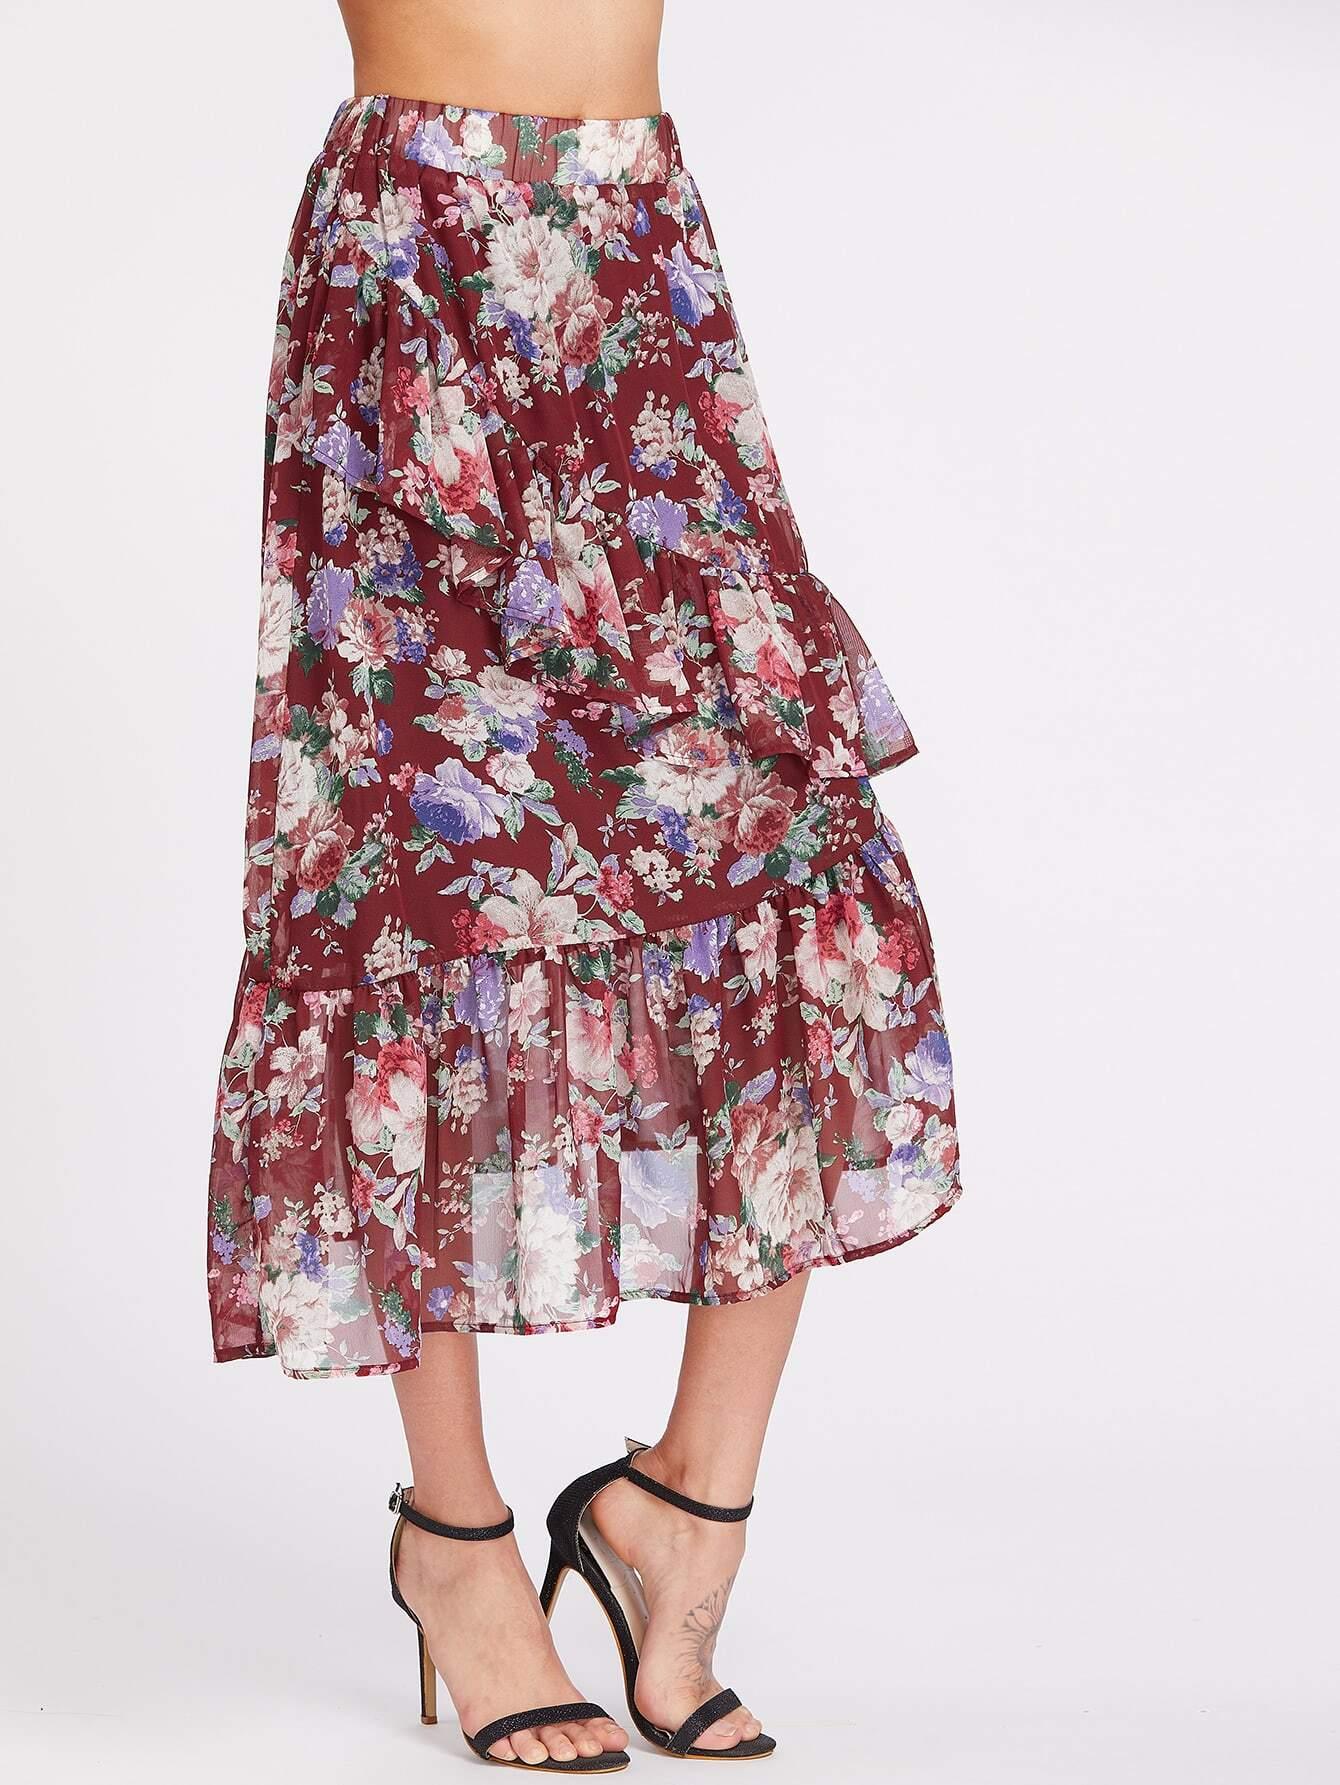 Flower Cluster Print Asymmetric Frill Skirt skirt170411451